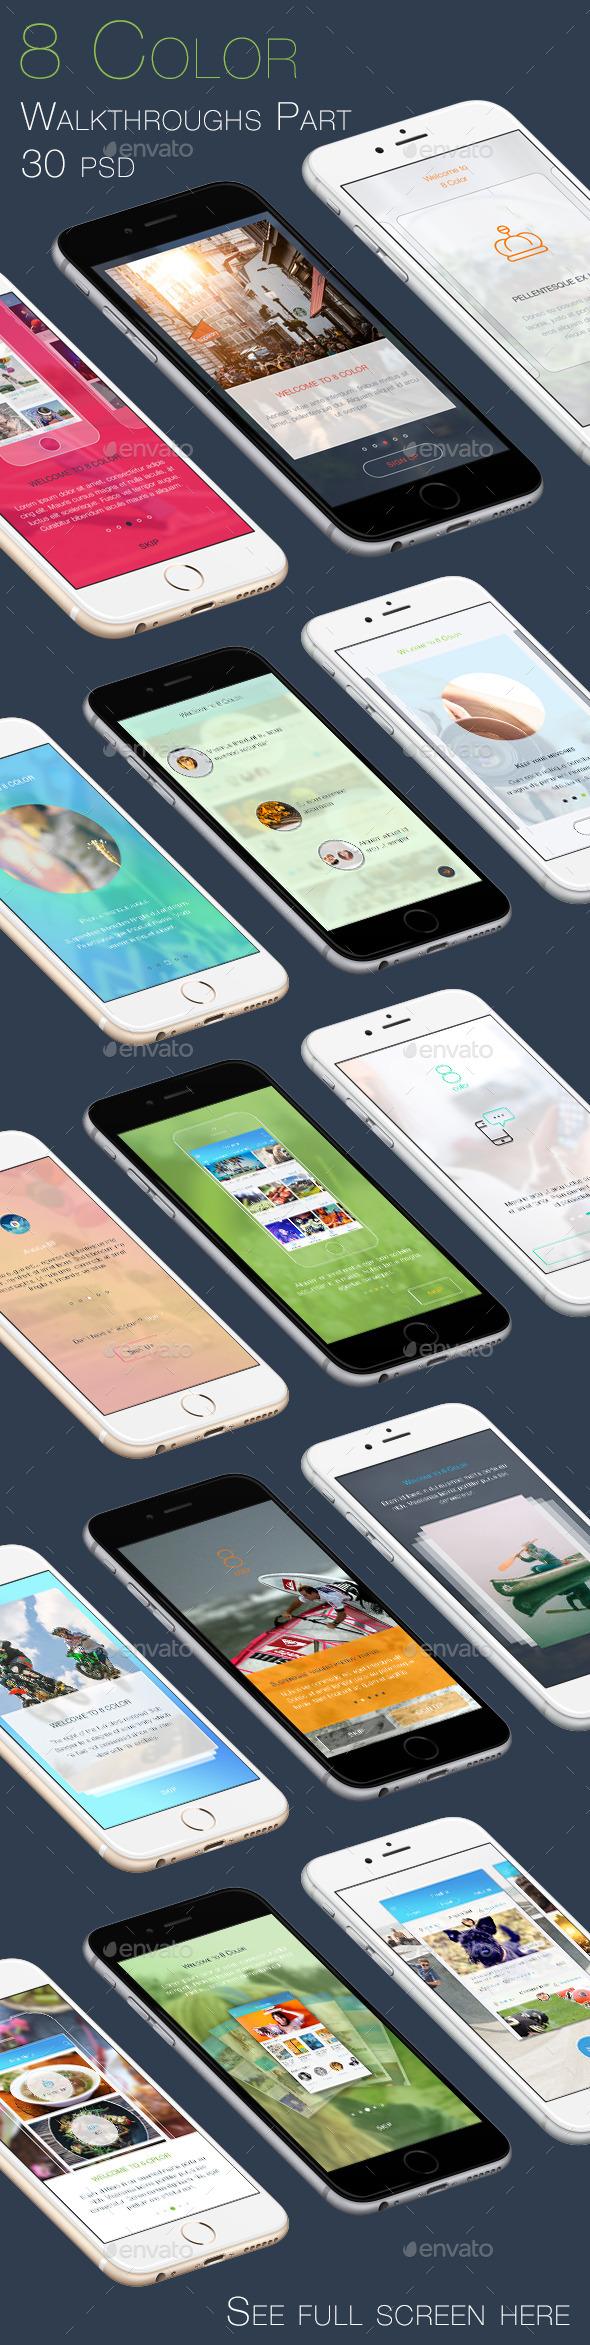 8 Color Walkthroughs Part Mobile UI Kit